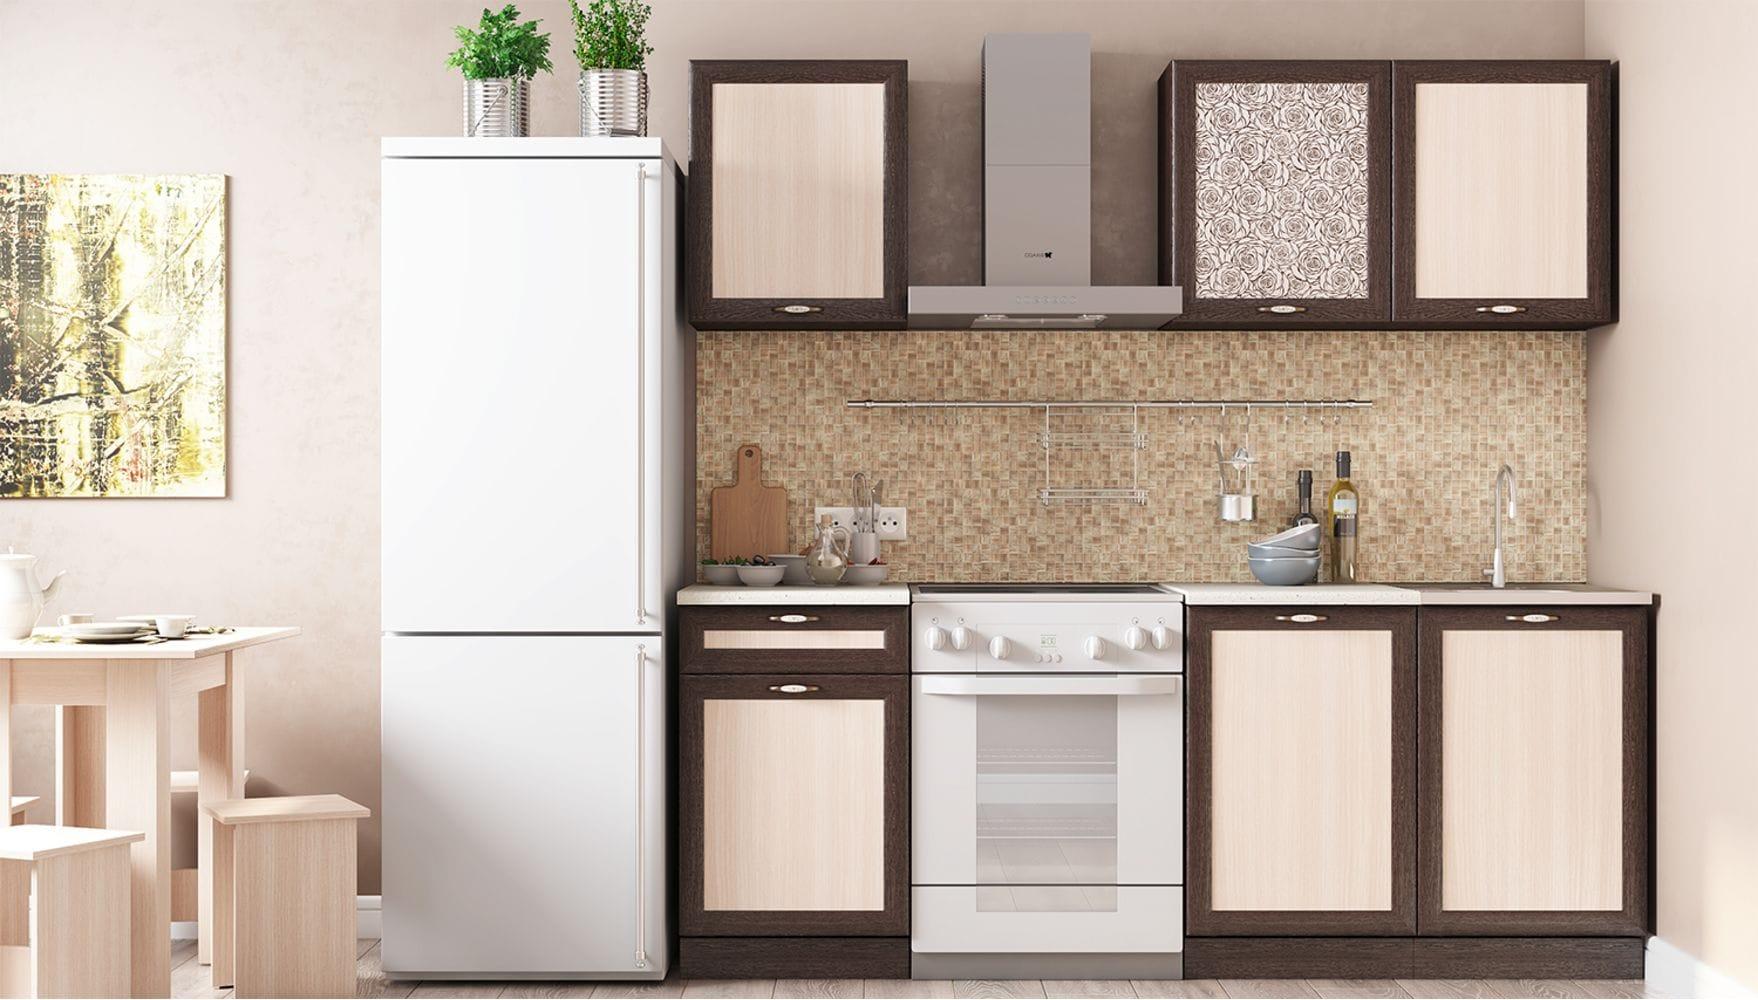 Кухонный гарнитур Легенда-26 (1,5)